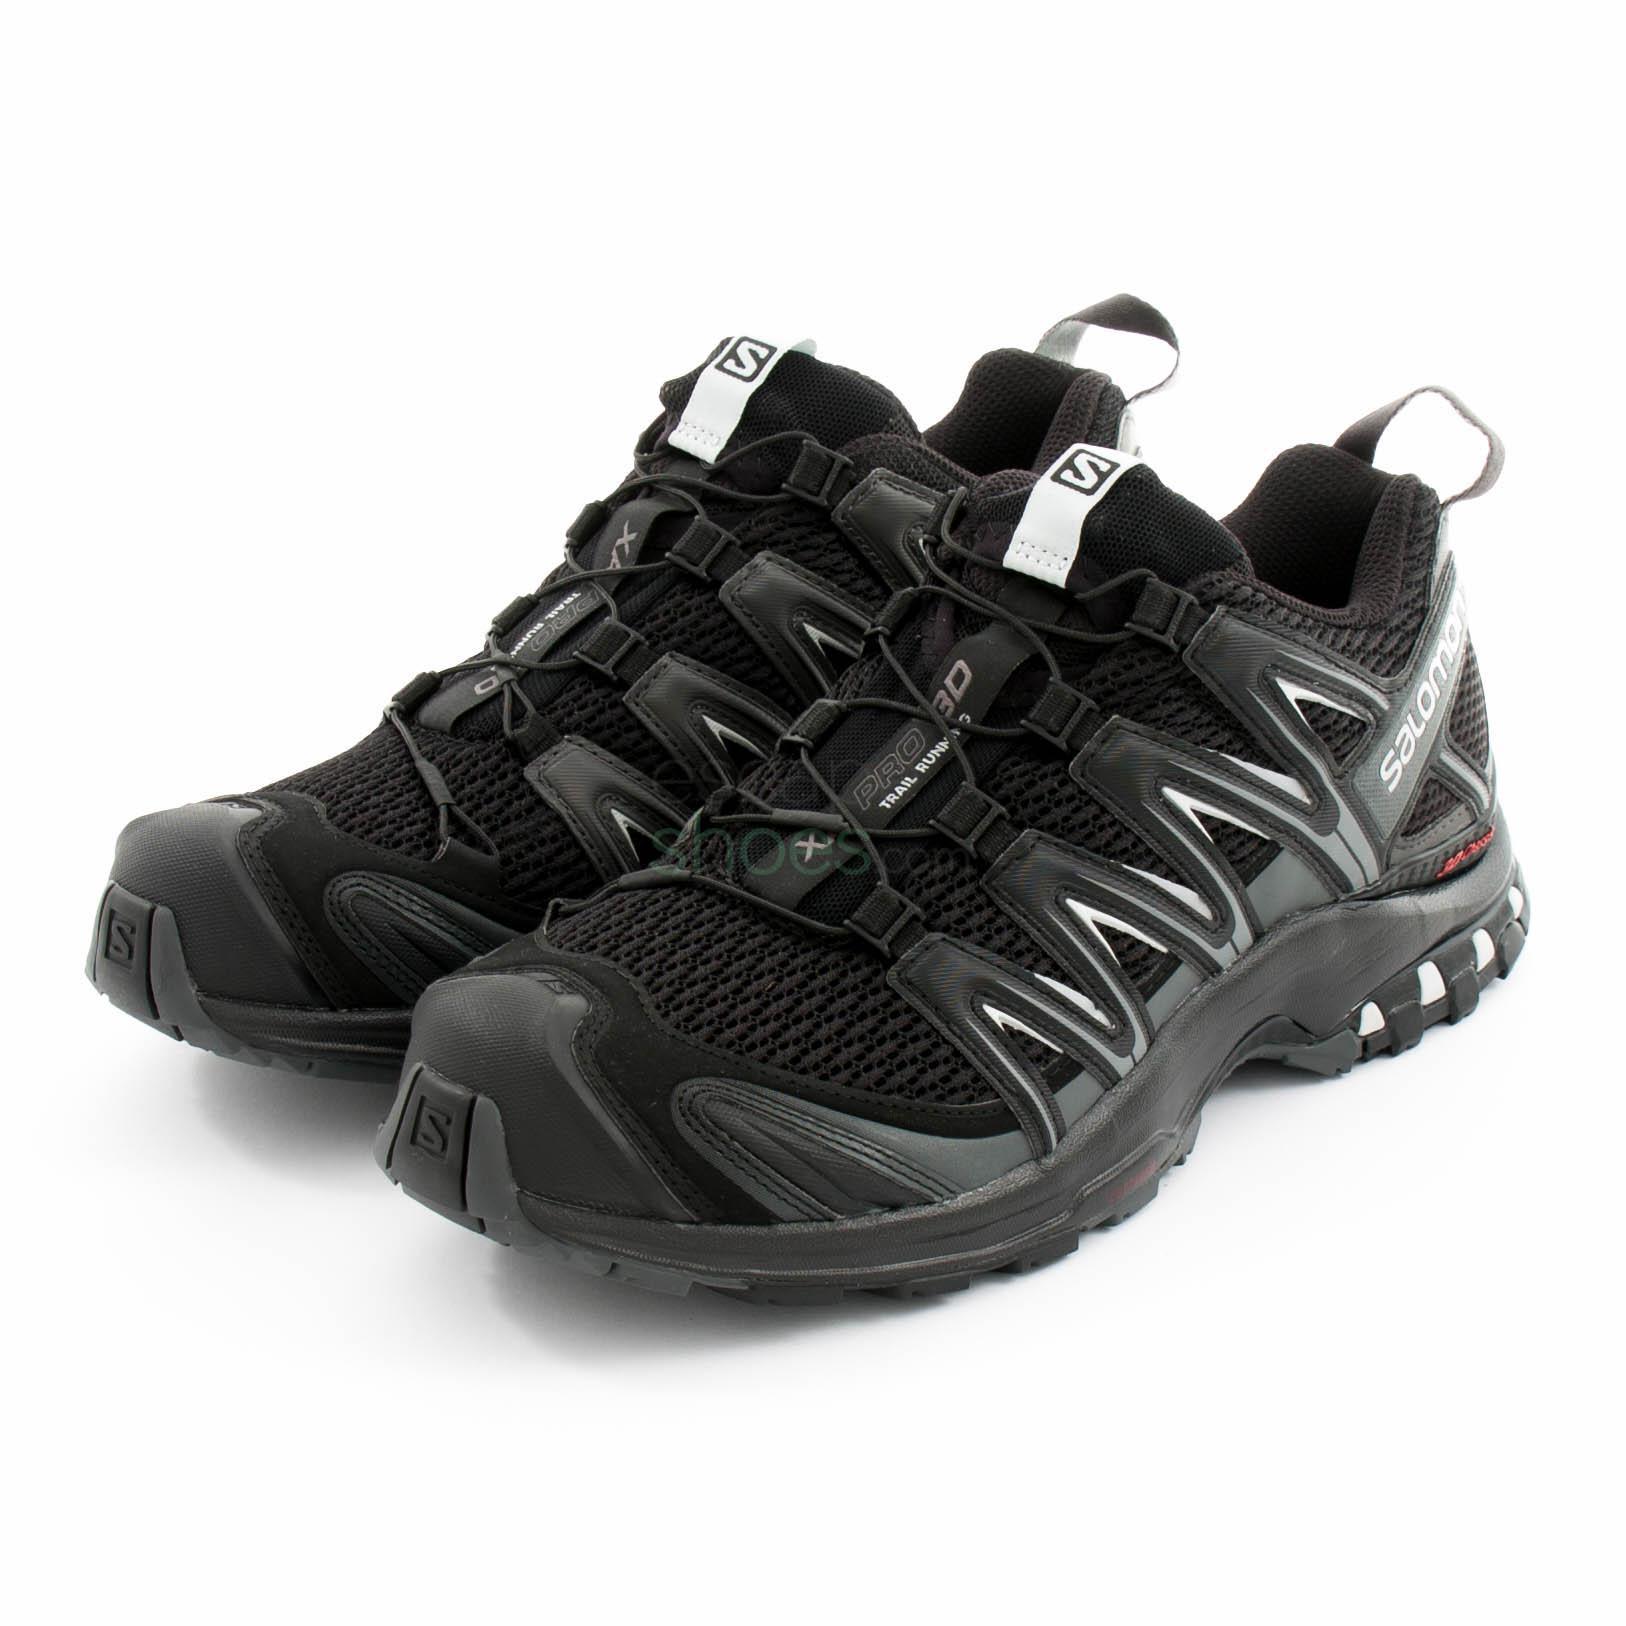 Salomon Xa Pro 3D Black 392514